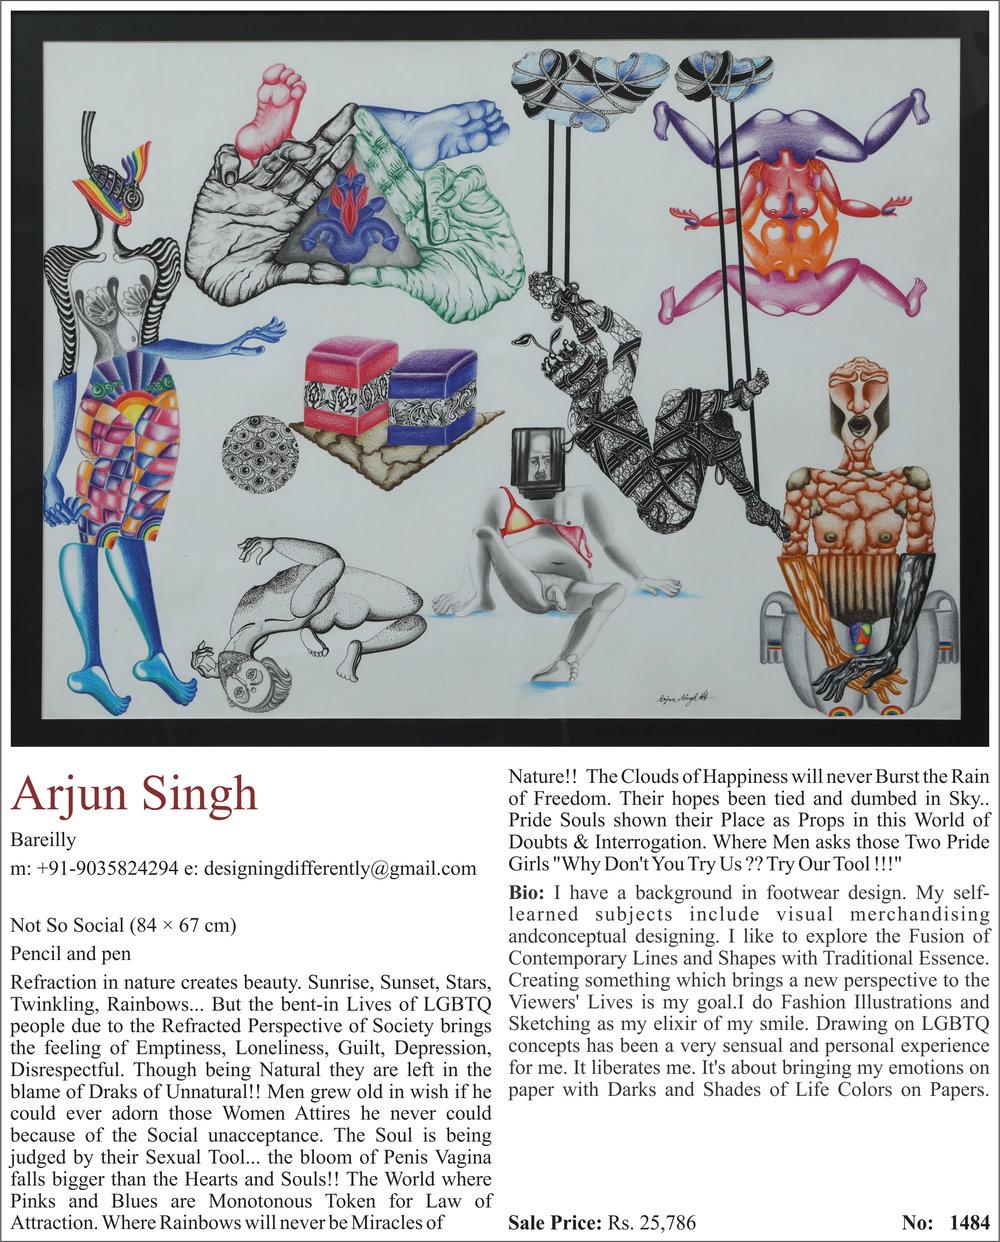 Arjun Singh.jpg